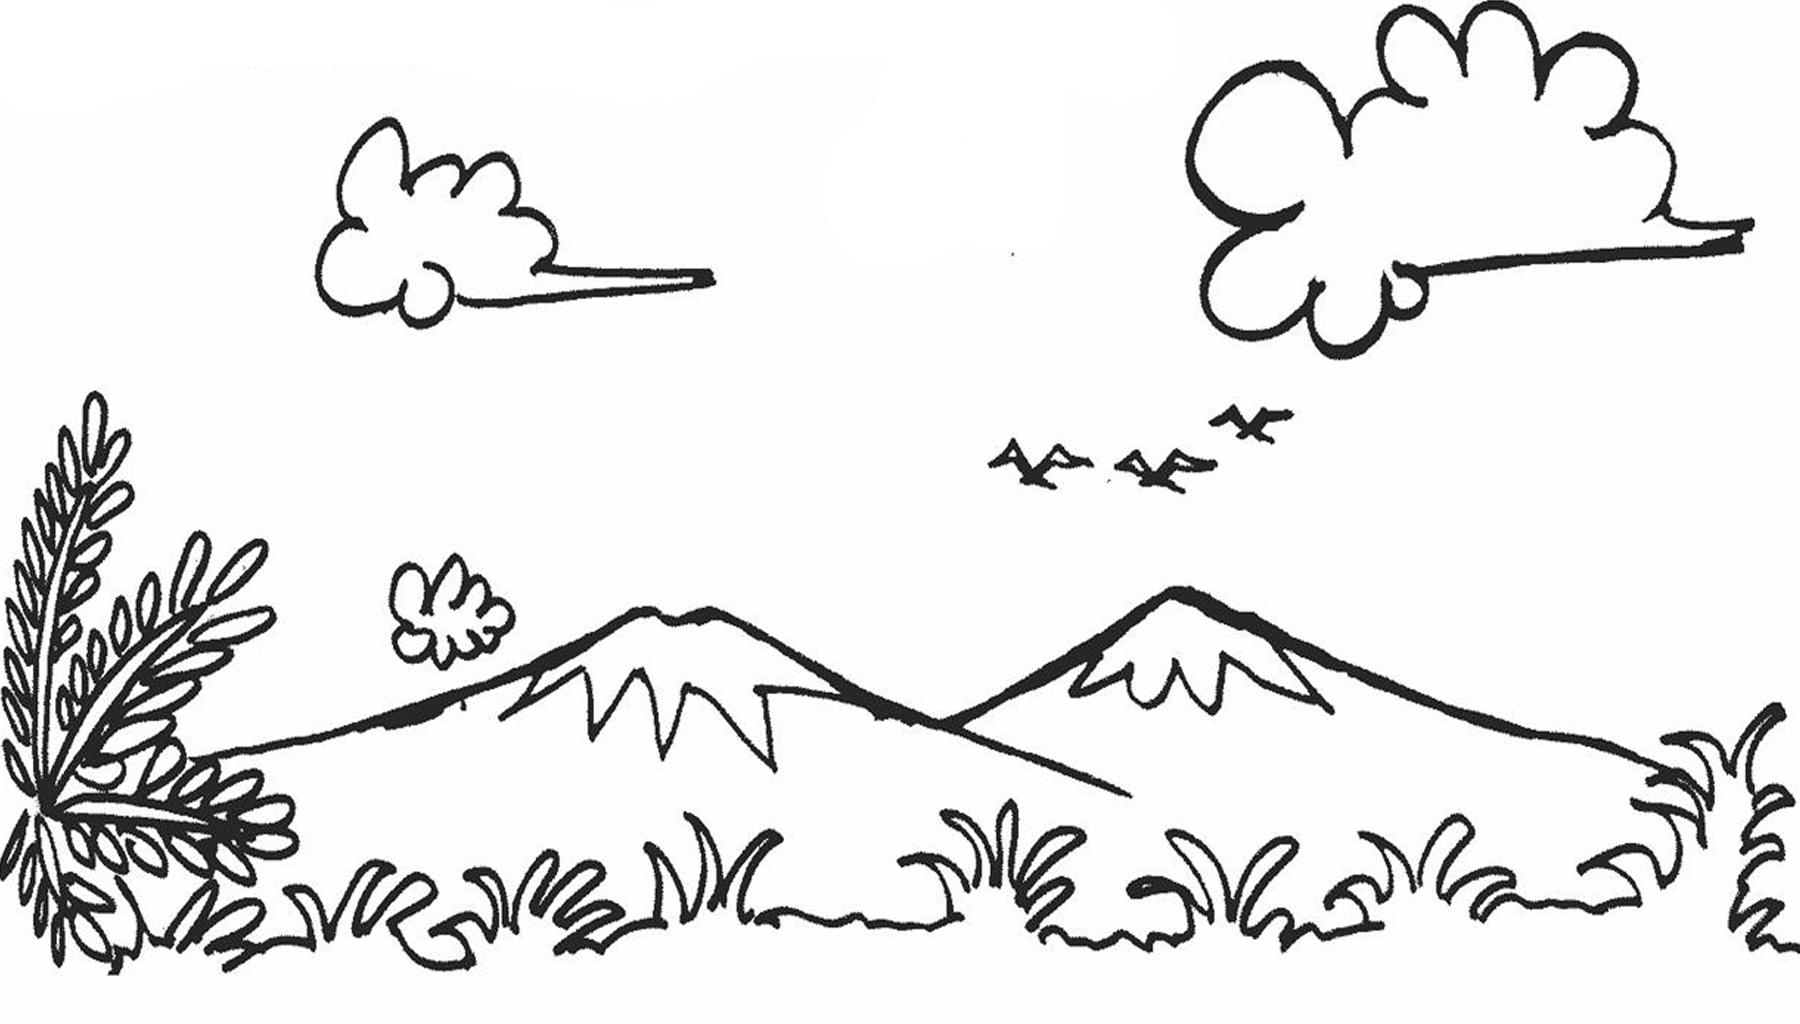 84 Gambar Pemandangan Gunung Dan Sawah Yang Sudah Diwarnai Paling Bagus